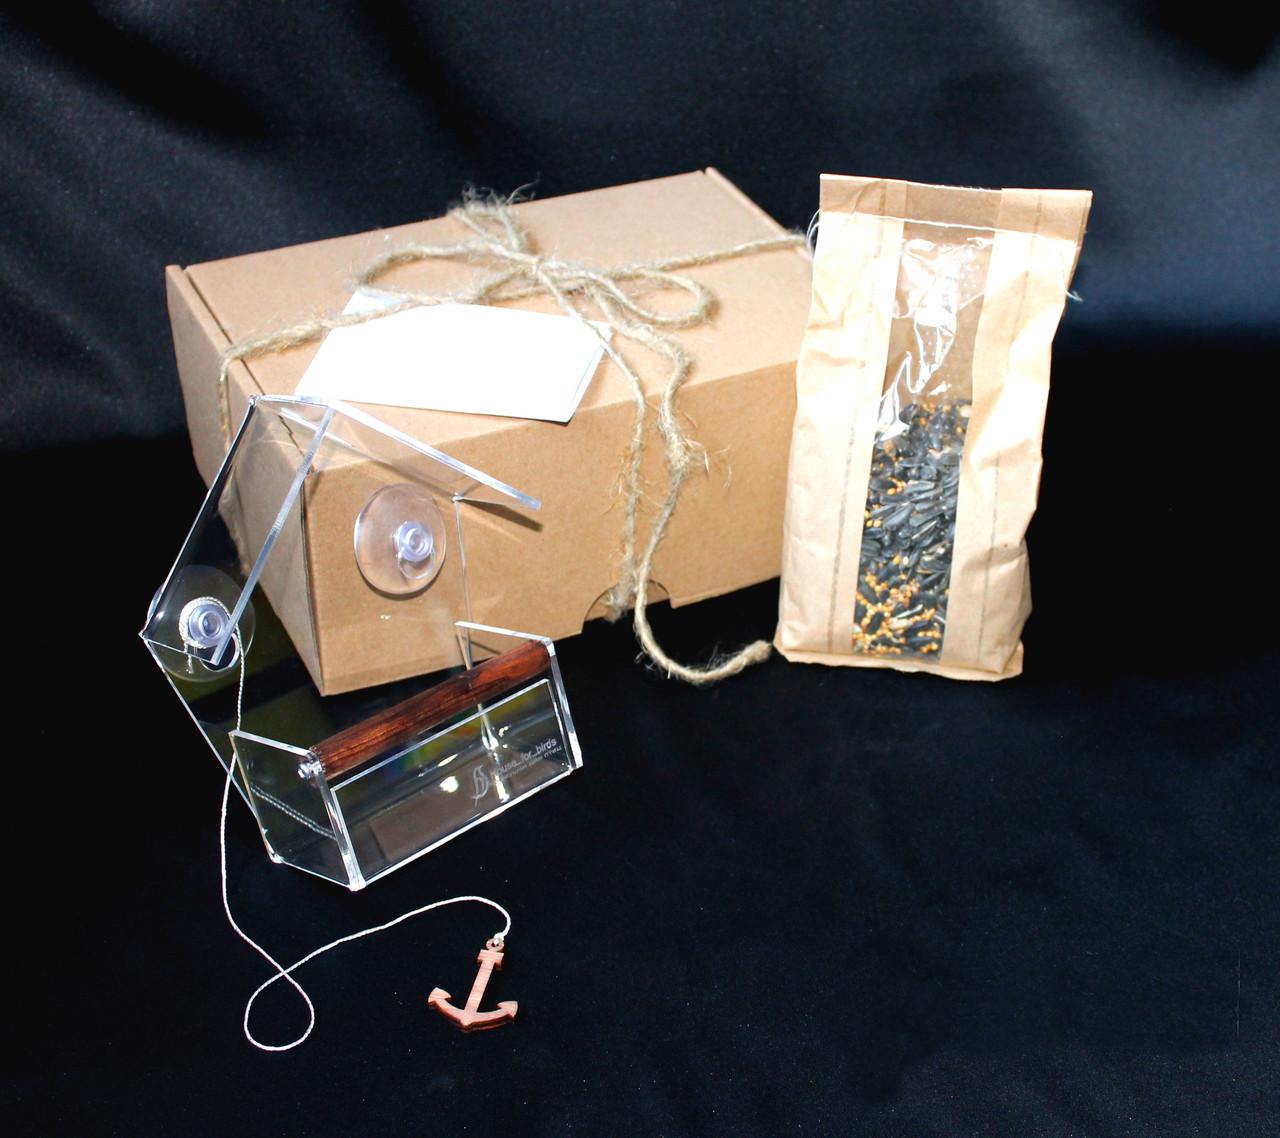 Набор кормушка для птиц на окно + семена для кормления птиц. Модель Теремок